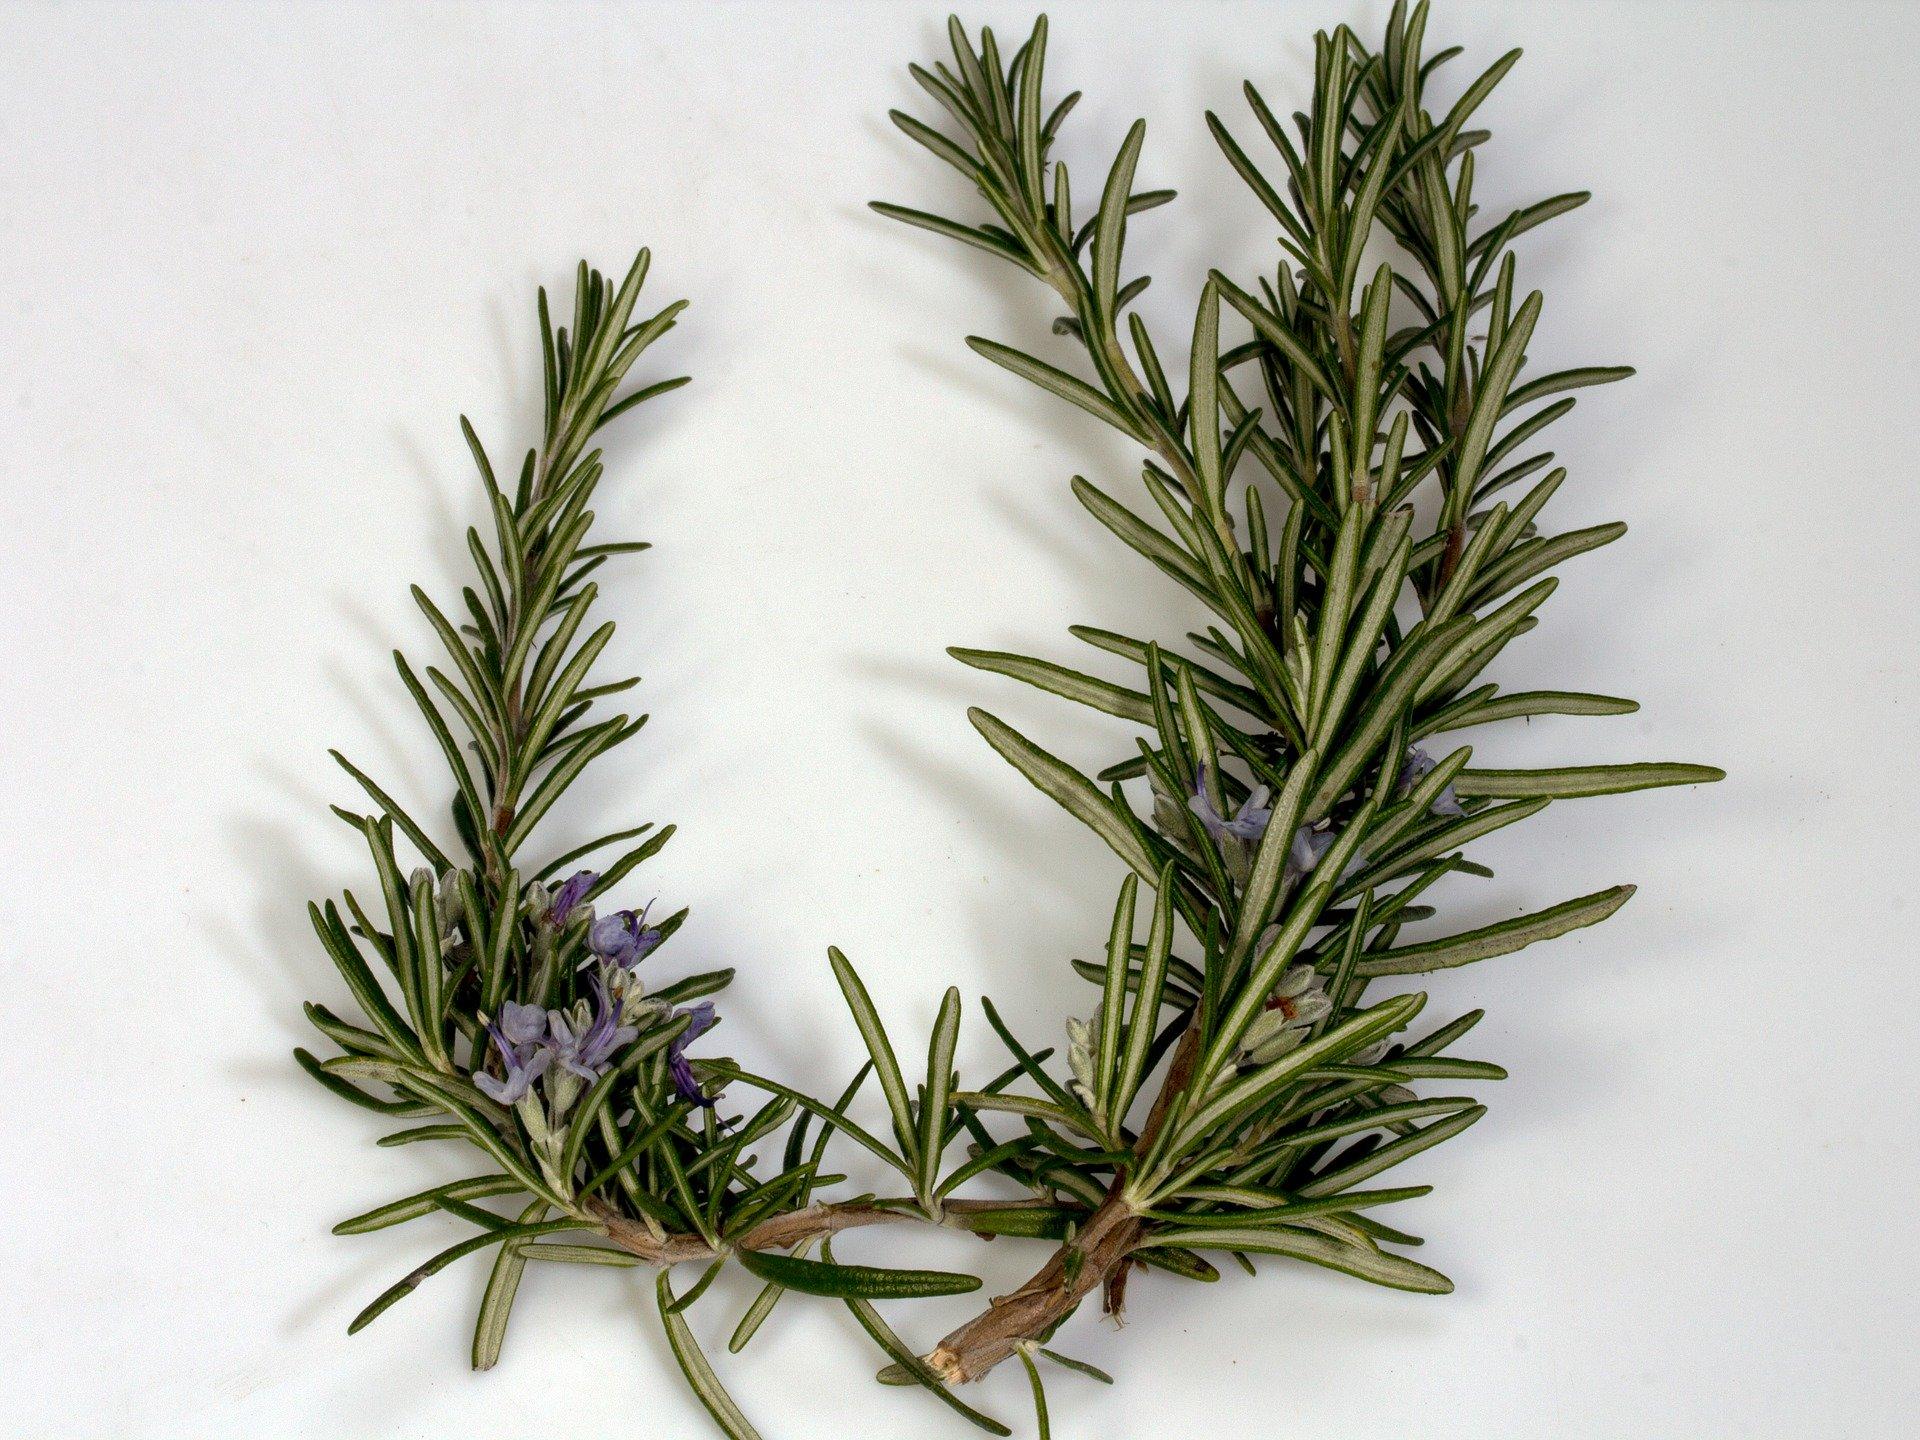 Rosmarin Oder Lavendel Durch Stecklinge Vermehren